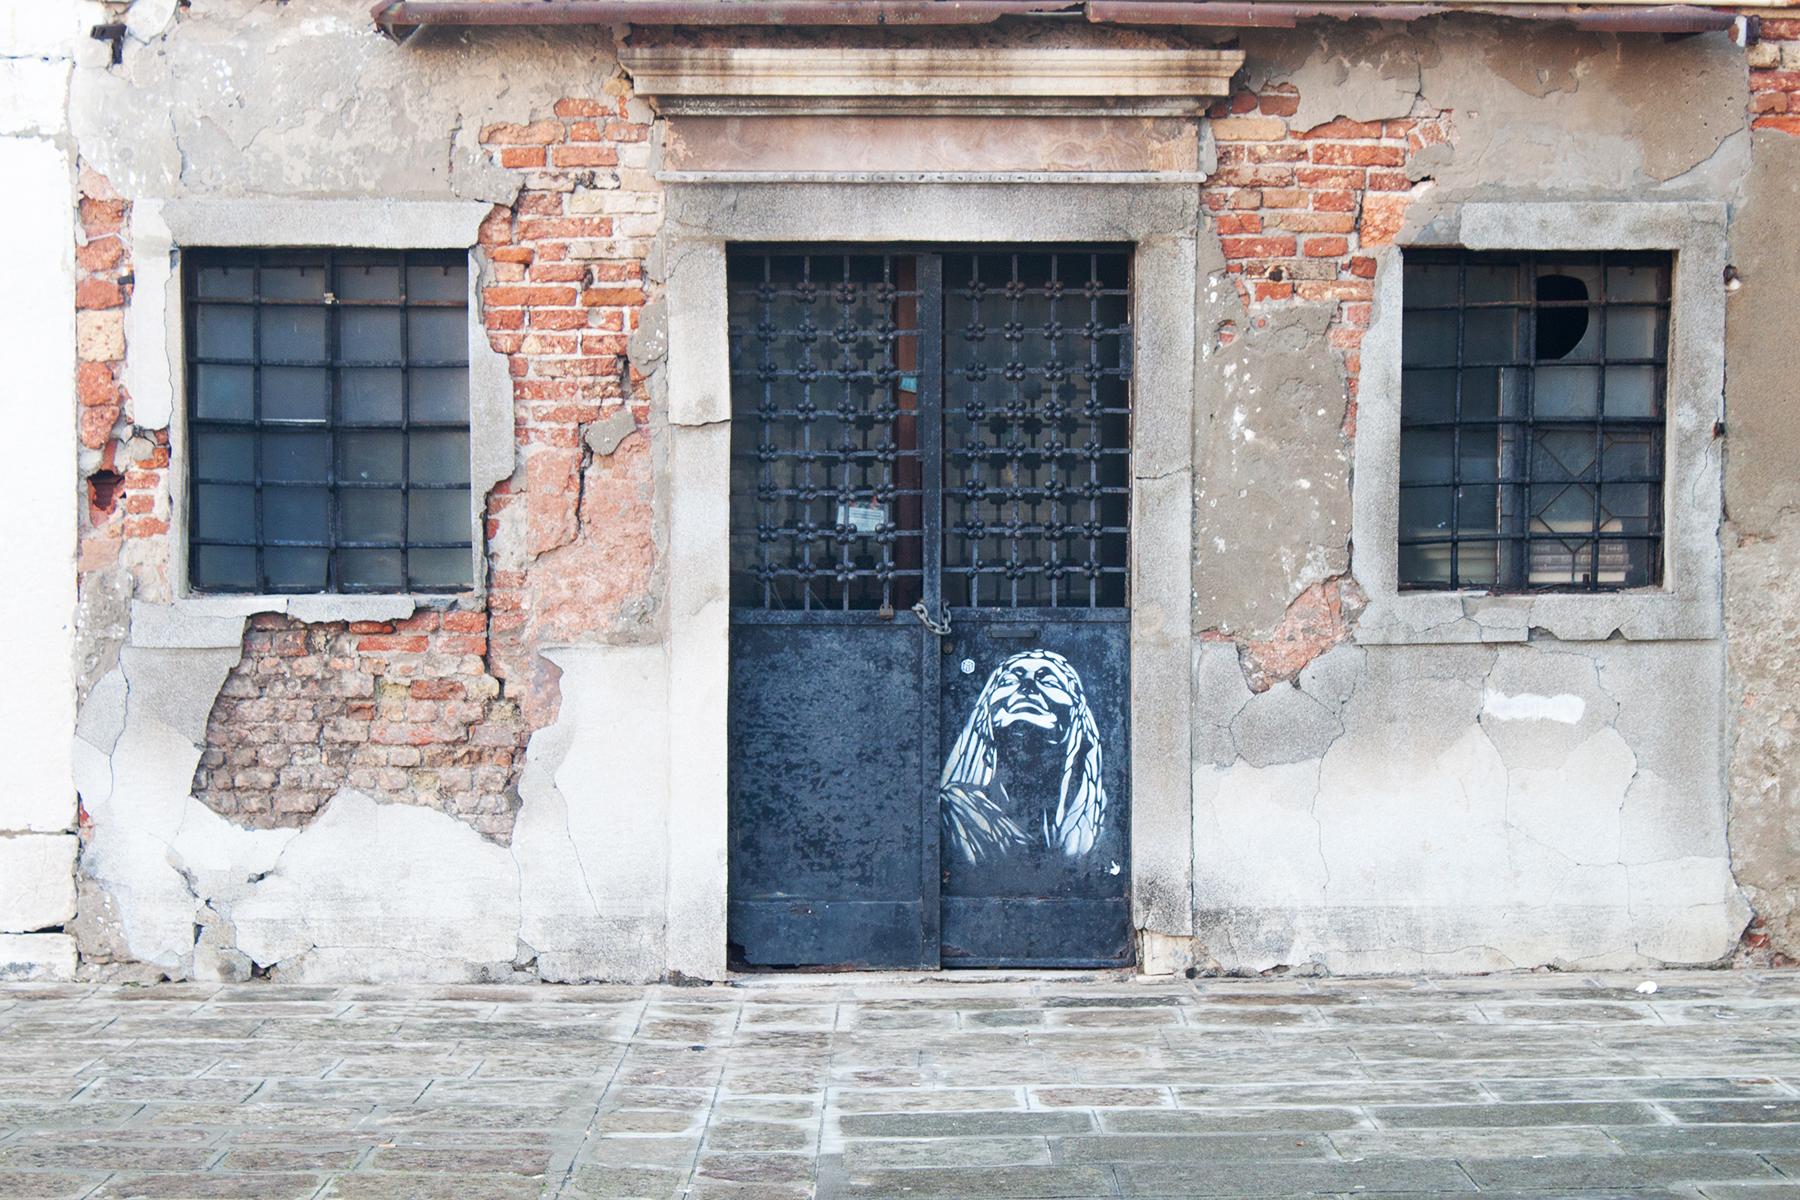 Streets of Venice, Art on Door | lifeofkitty.co.uk